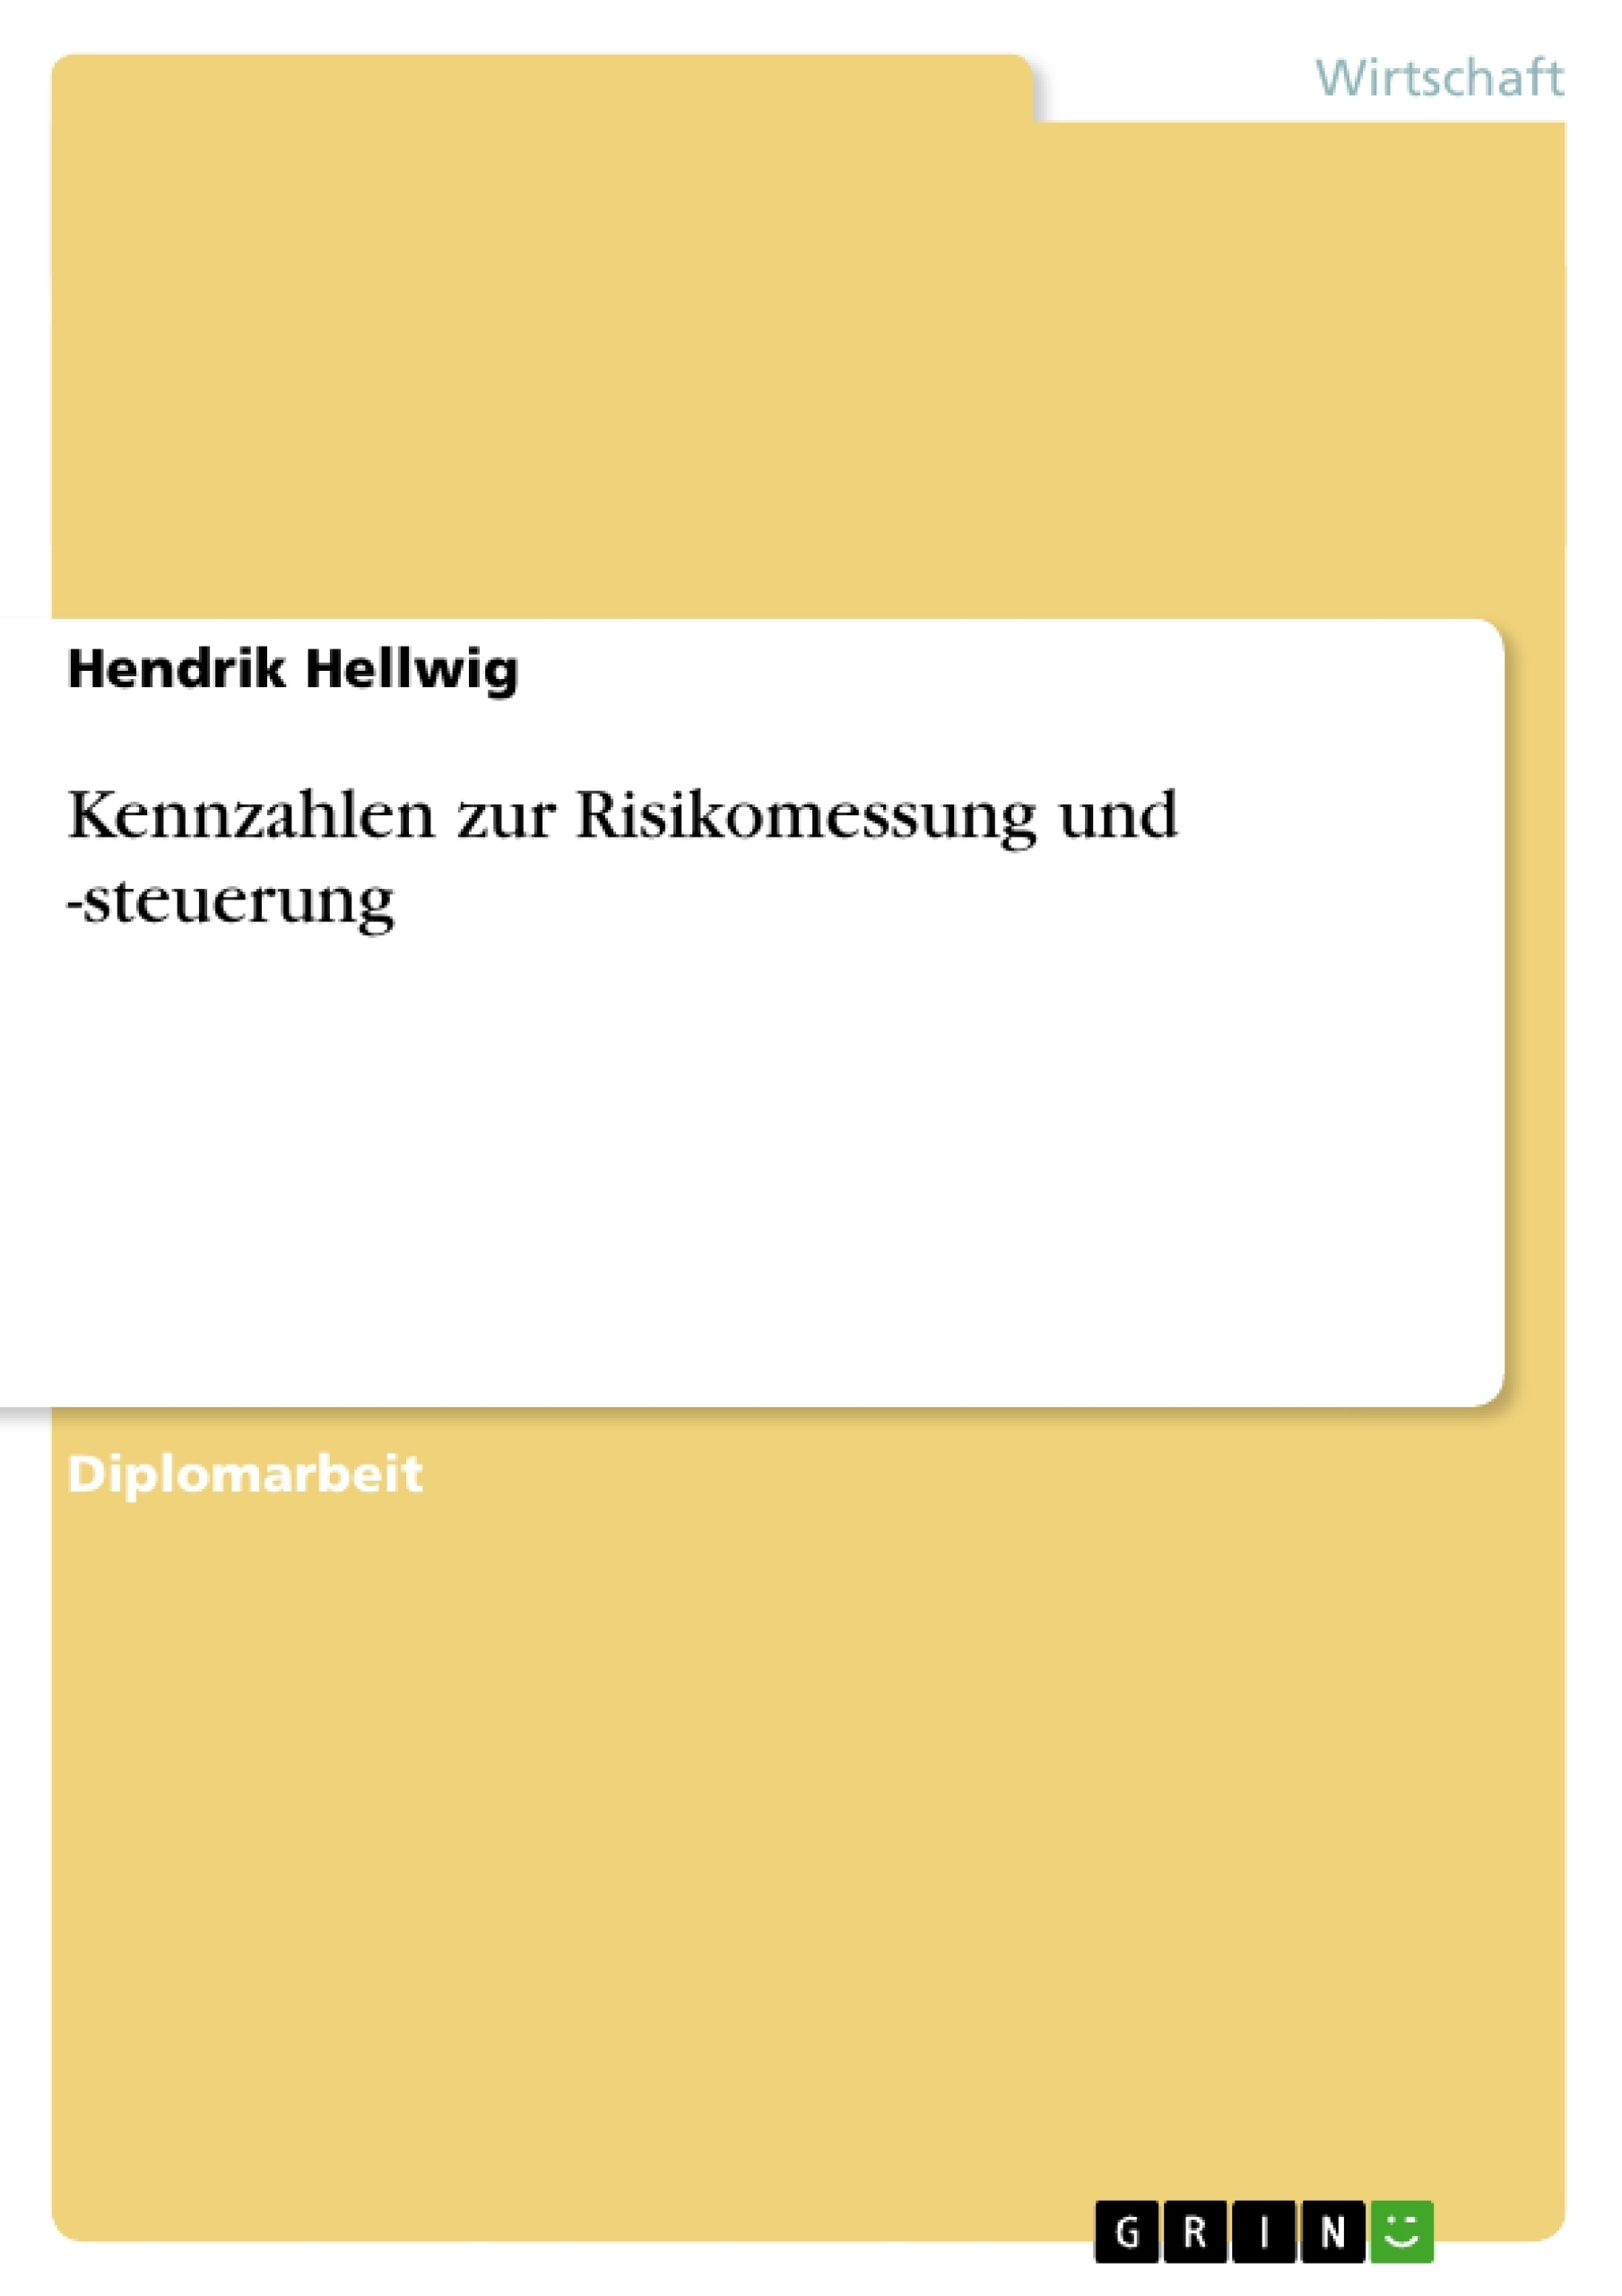 Titel: Kennzahlen zur Risikomessung und -steuerung